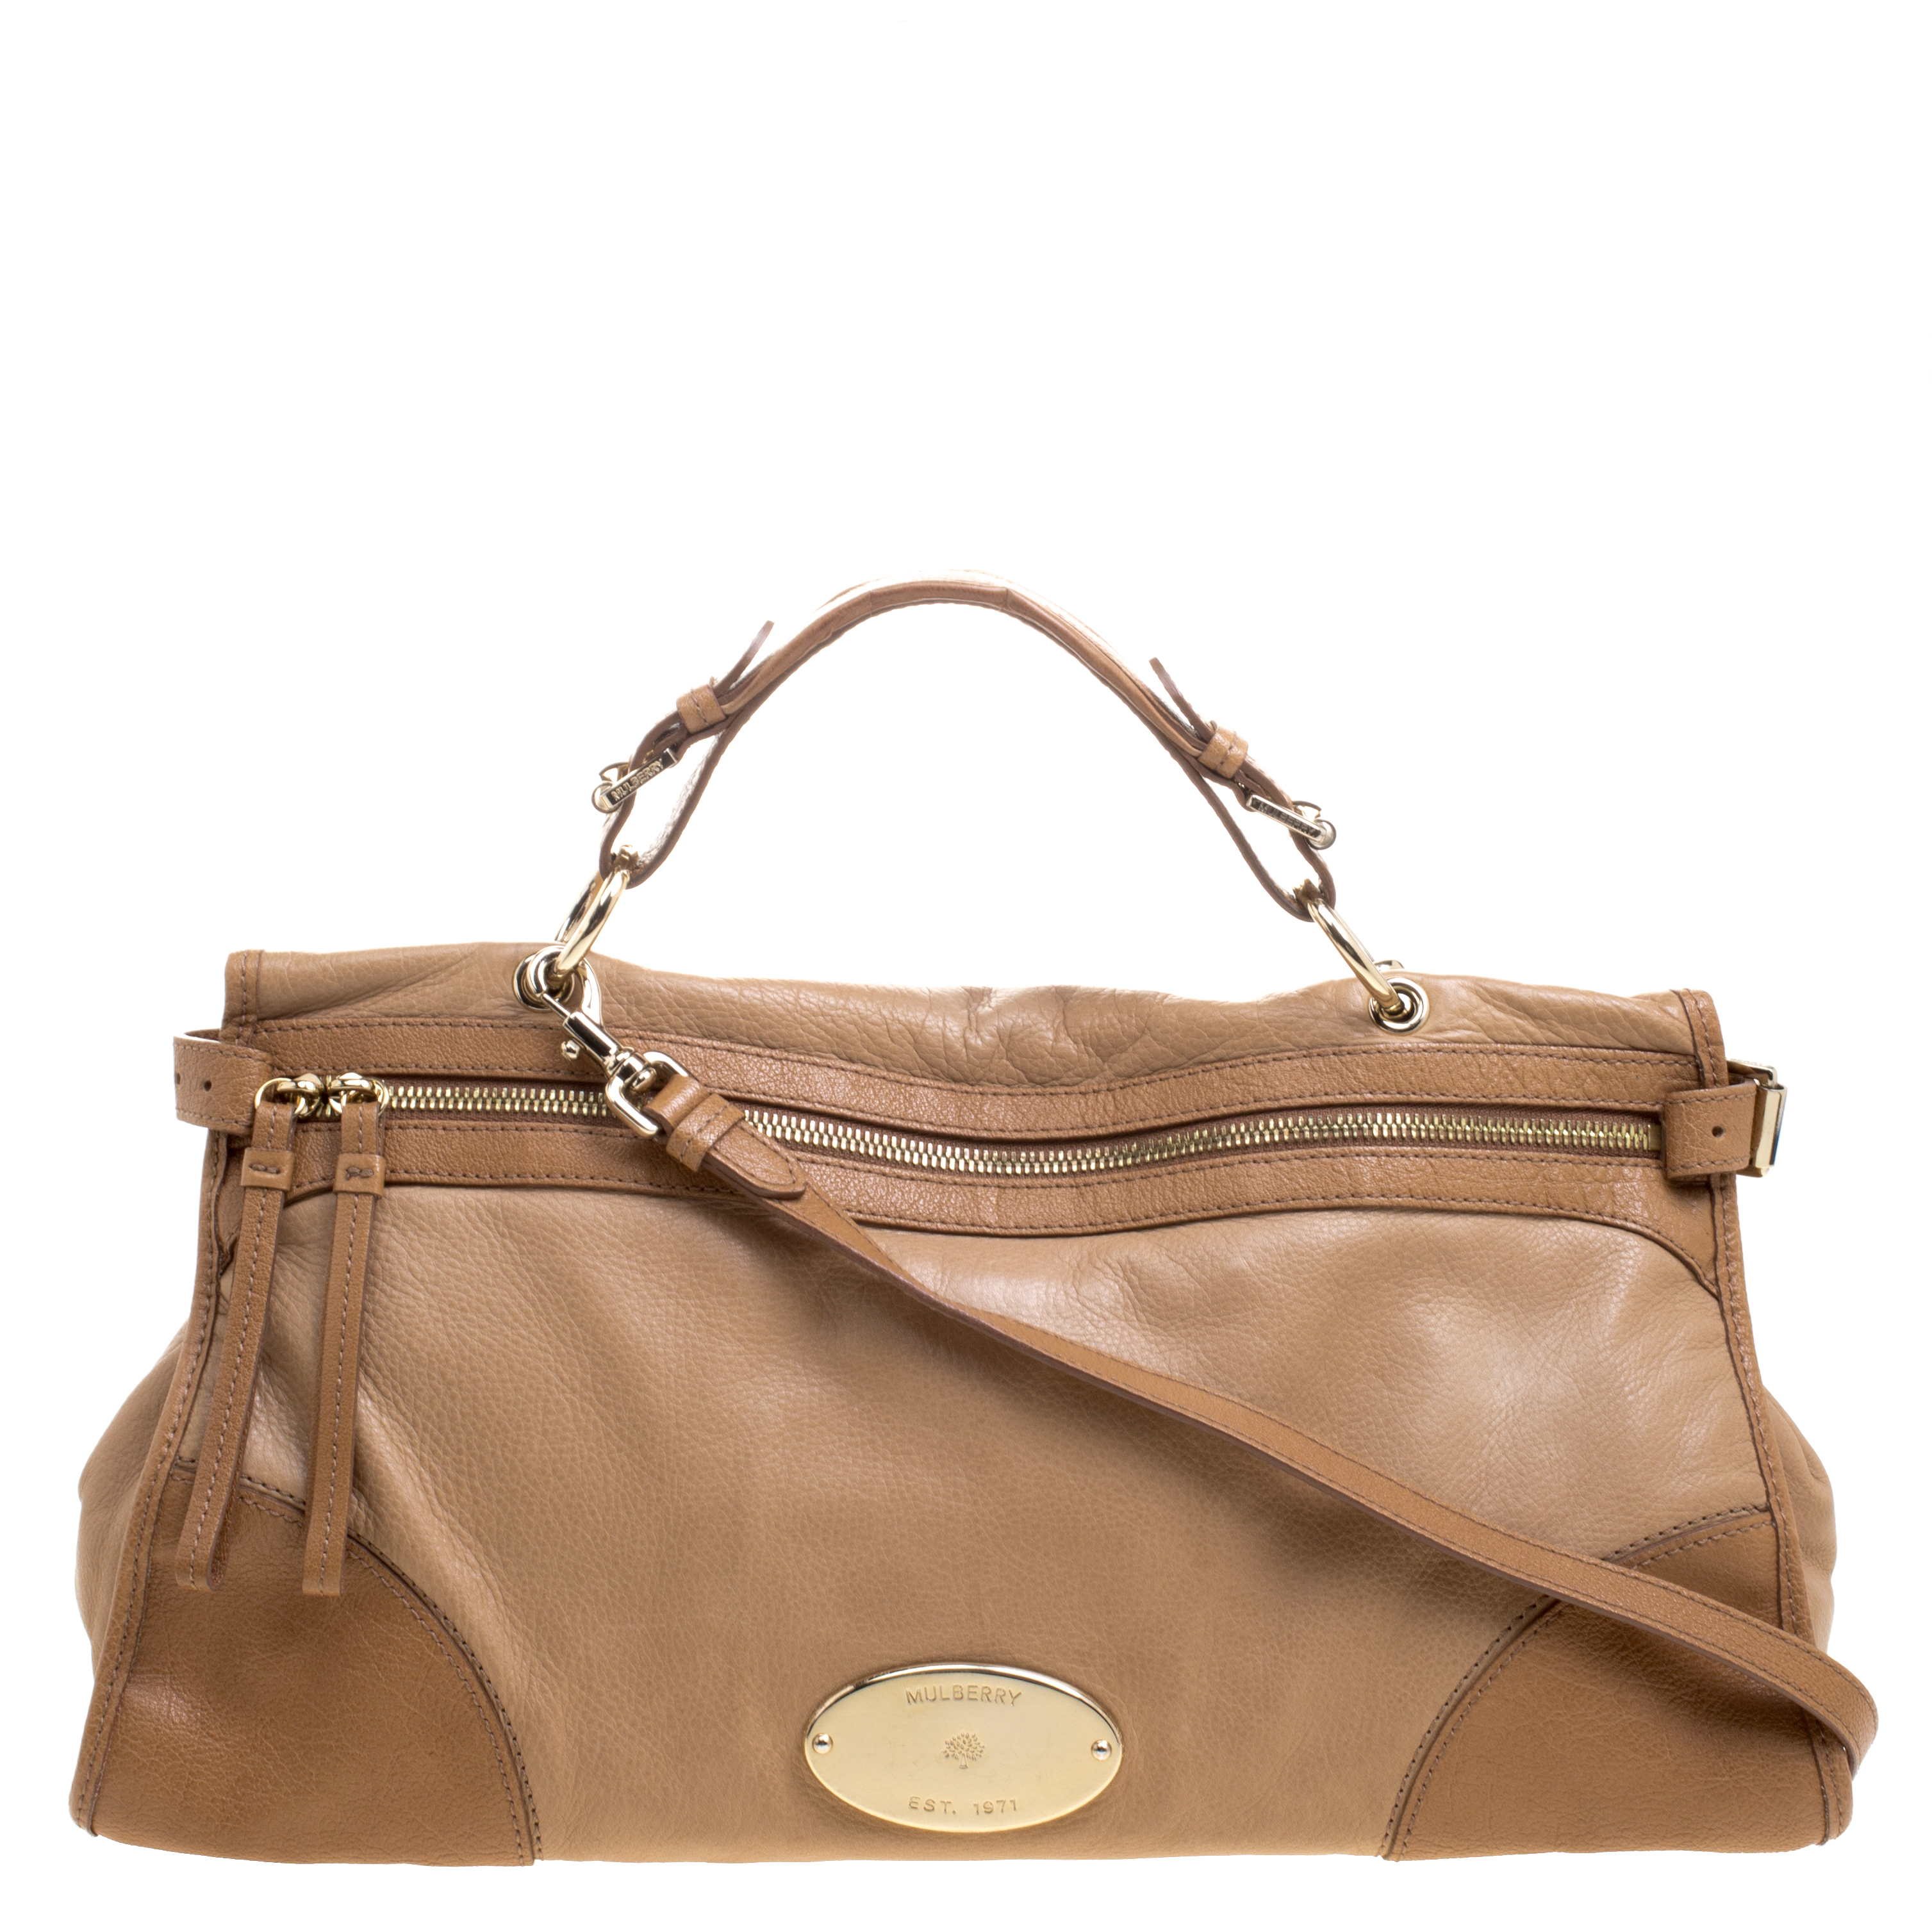 8c57cbaf24 Buy Mulberry Light Brown Leather Shoulder Bag 110425 at best price